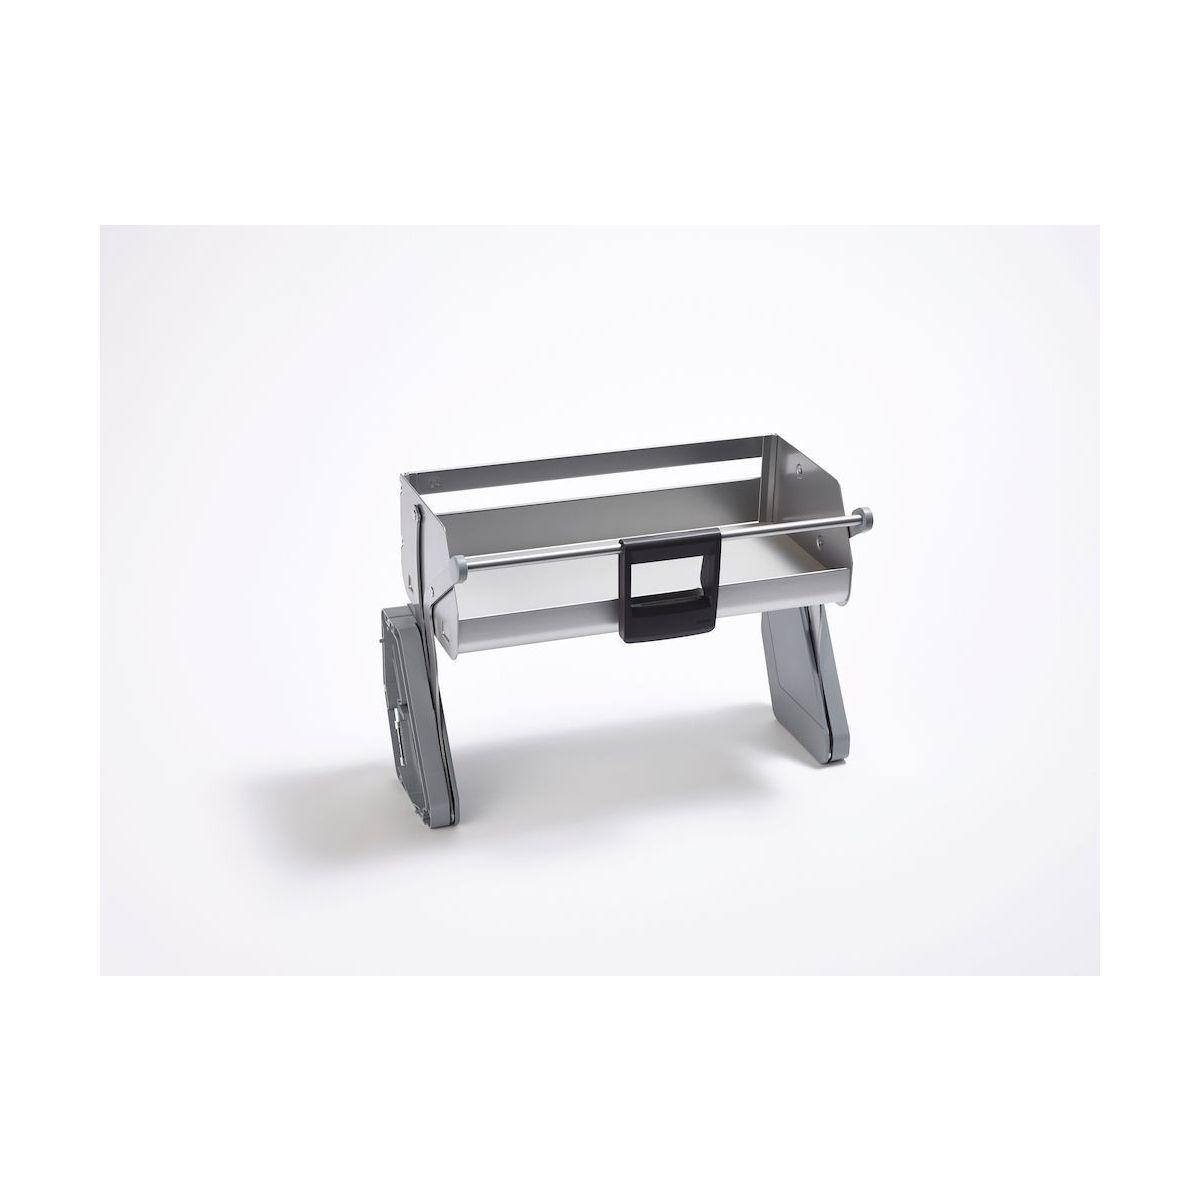 Imove bovenkast uittreksysteem 1 plateau kast 90 Zilver kopen met korting